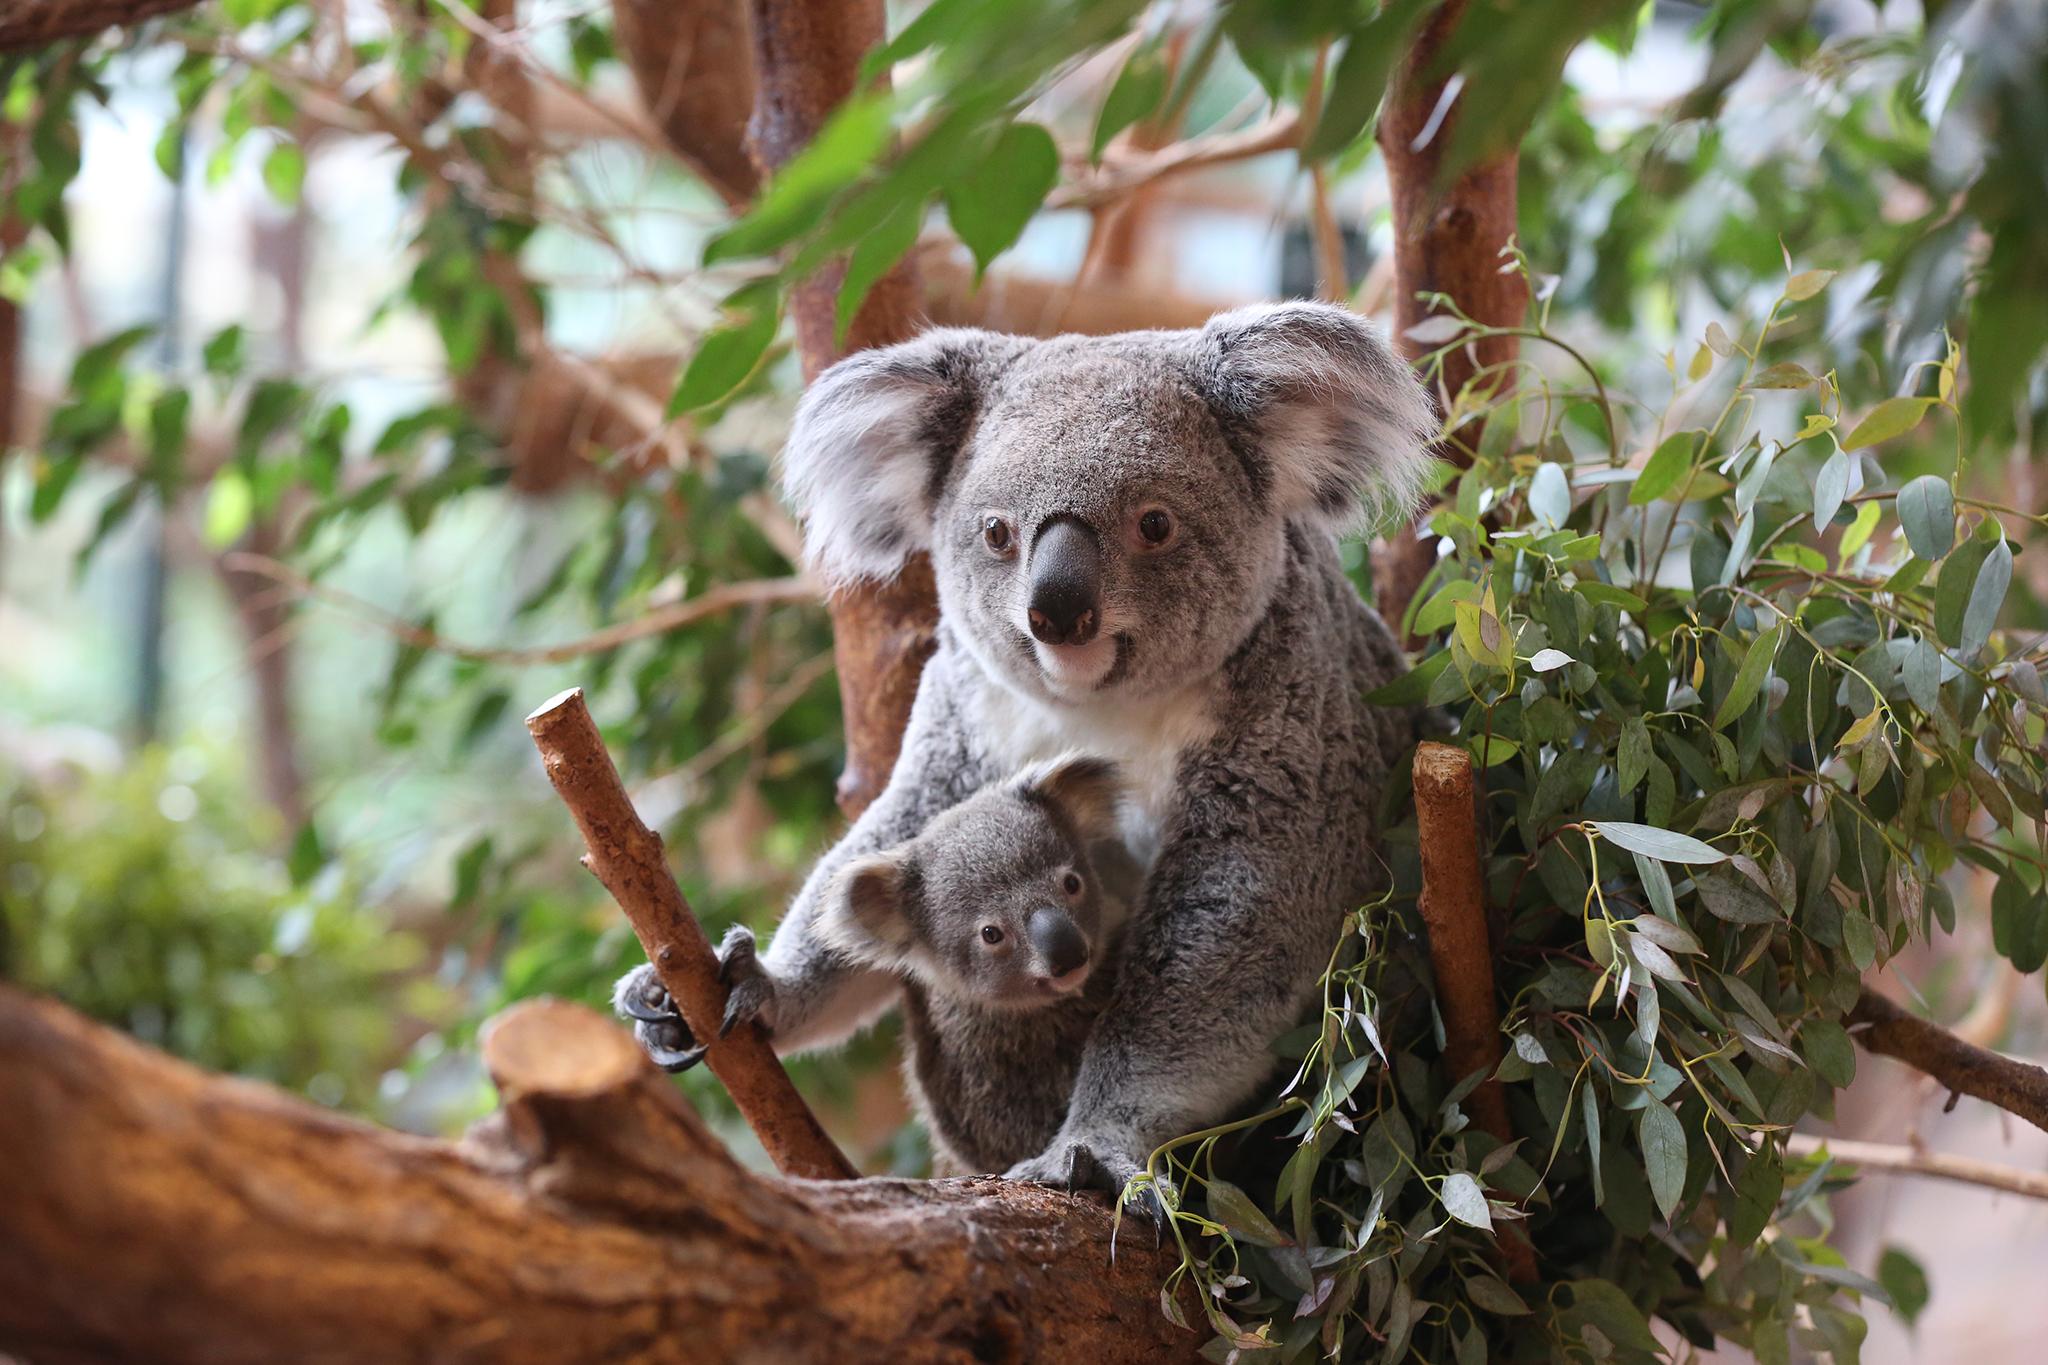 Animaux très fragiles, les koalas se nourrissent exclusivement des feuilles les plus tendres d'eucalyptus de variétés différentes selon leurs goûts. Une partie est cultivée à Beauval, une autre est importée d'Angleterre. Le régime alimentaire des koalas est le plus coûteux du Zoo Parc ! - DR : ZP Beauval